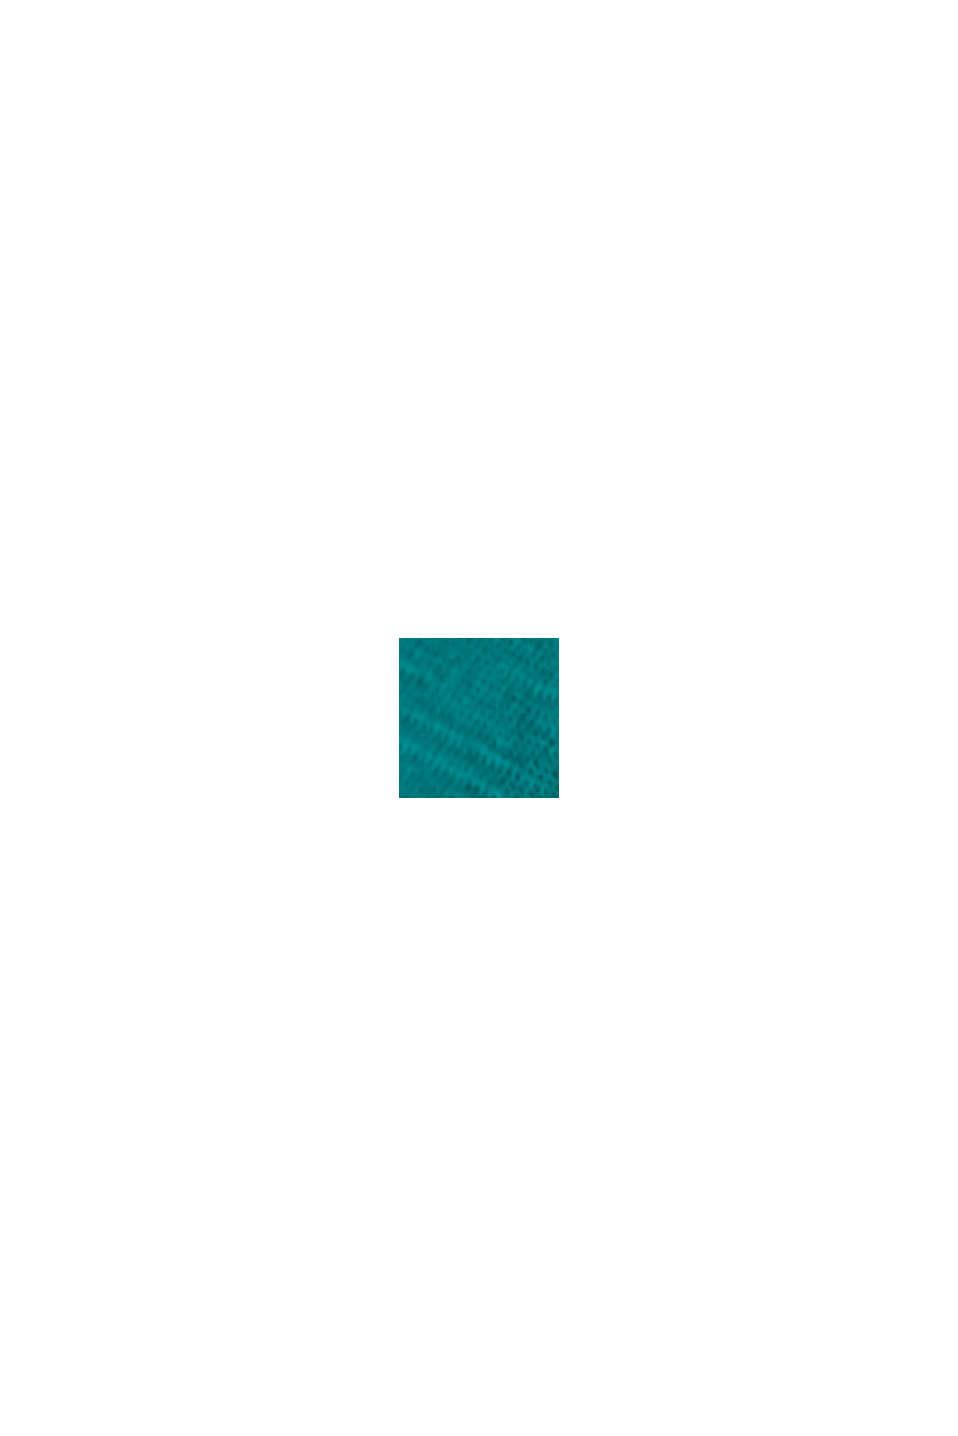 Maglia con scollo a V in cotone biologico/TENCEL™, TEAL GREEN, swatch